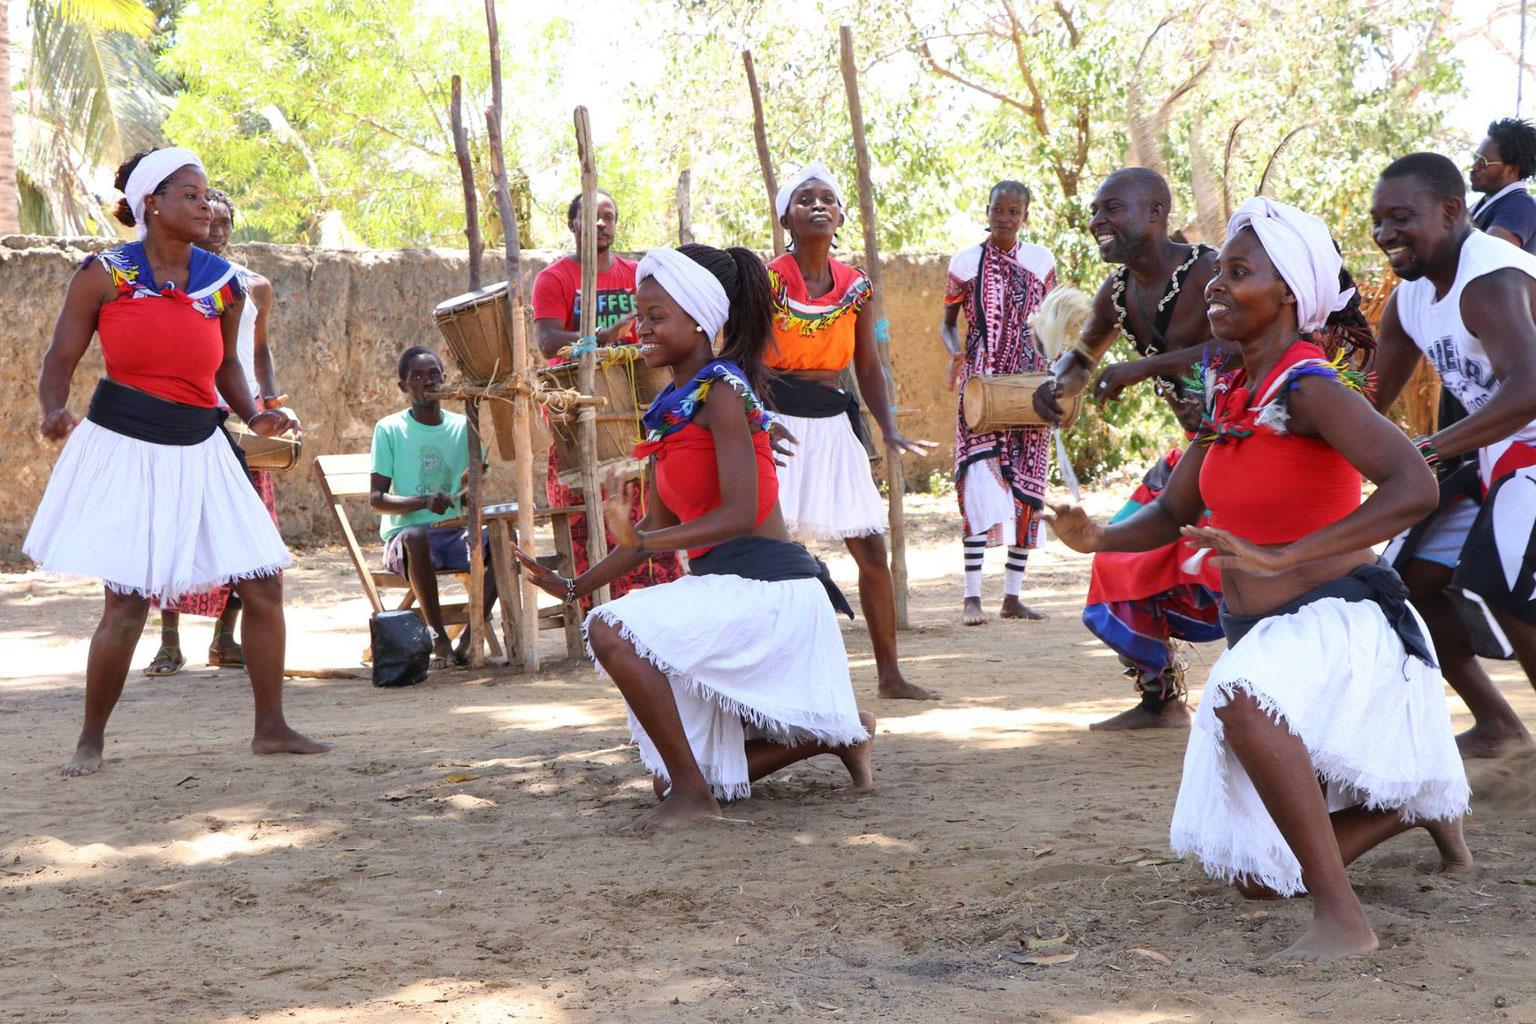 【ケニア少数民族支援】国の発展の影で生活が追いやられるドゥルマ民族に井戸を掘るための資金を提供したい!みなさんのご支援をお待ちしています。ドゥルマ民族支援品一覧最新情報EOLネットワークEOLサポーターズイベント